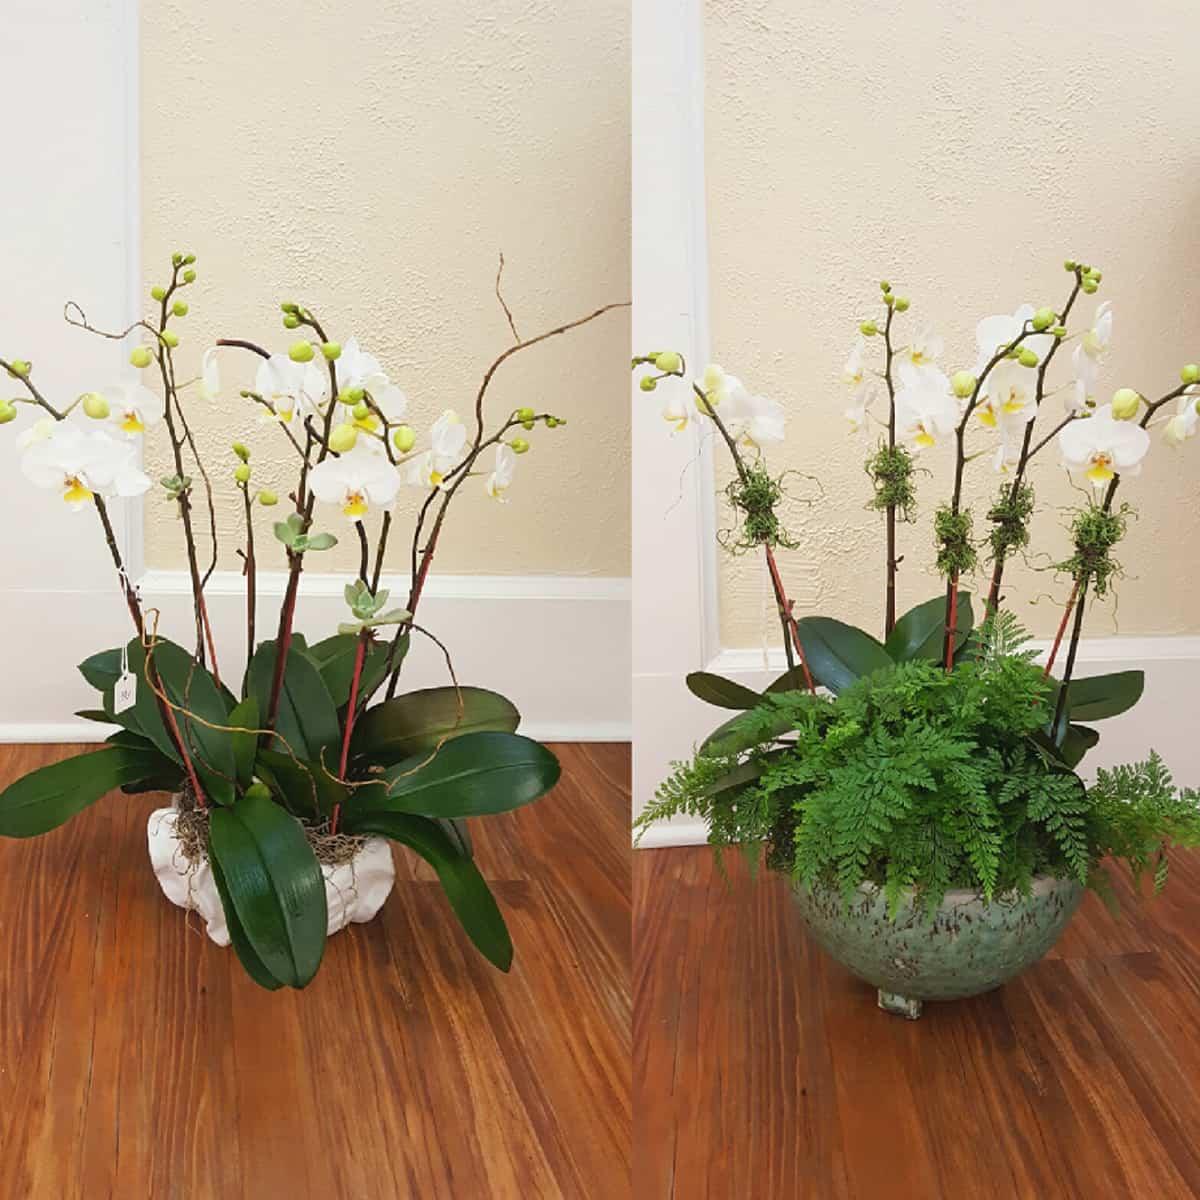 pots photo marvelous ideas decor net inspiration surripui decorative for indoor plants